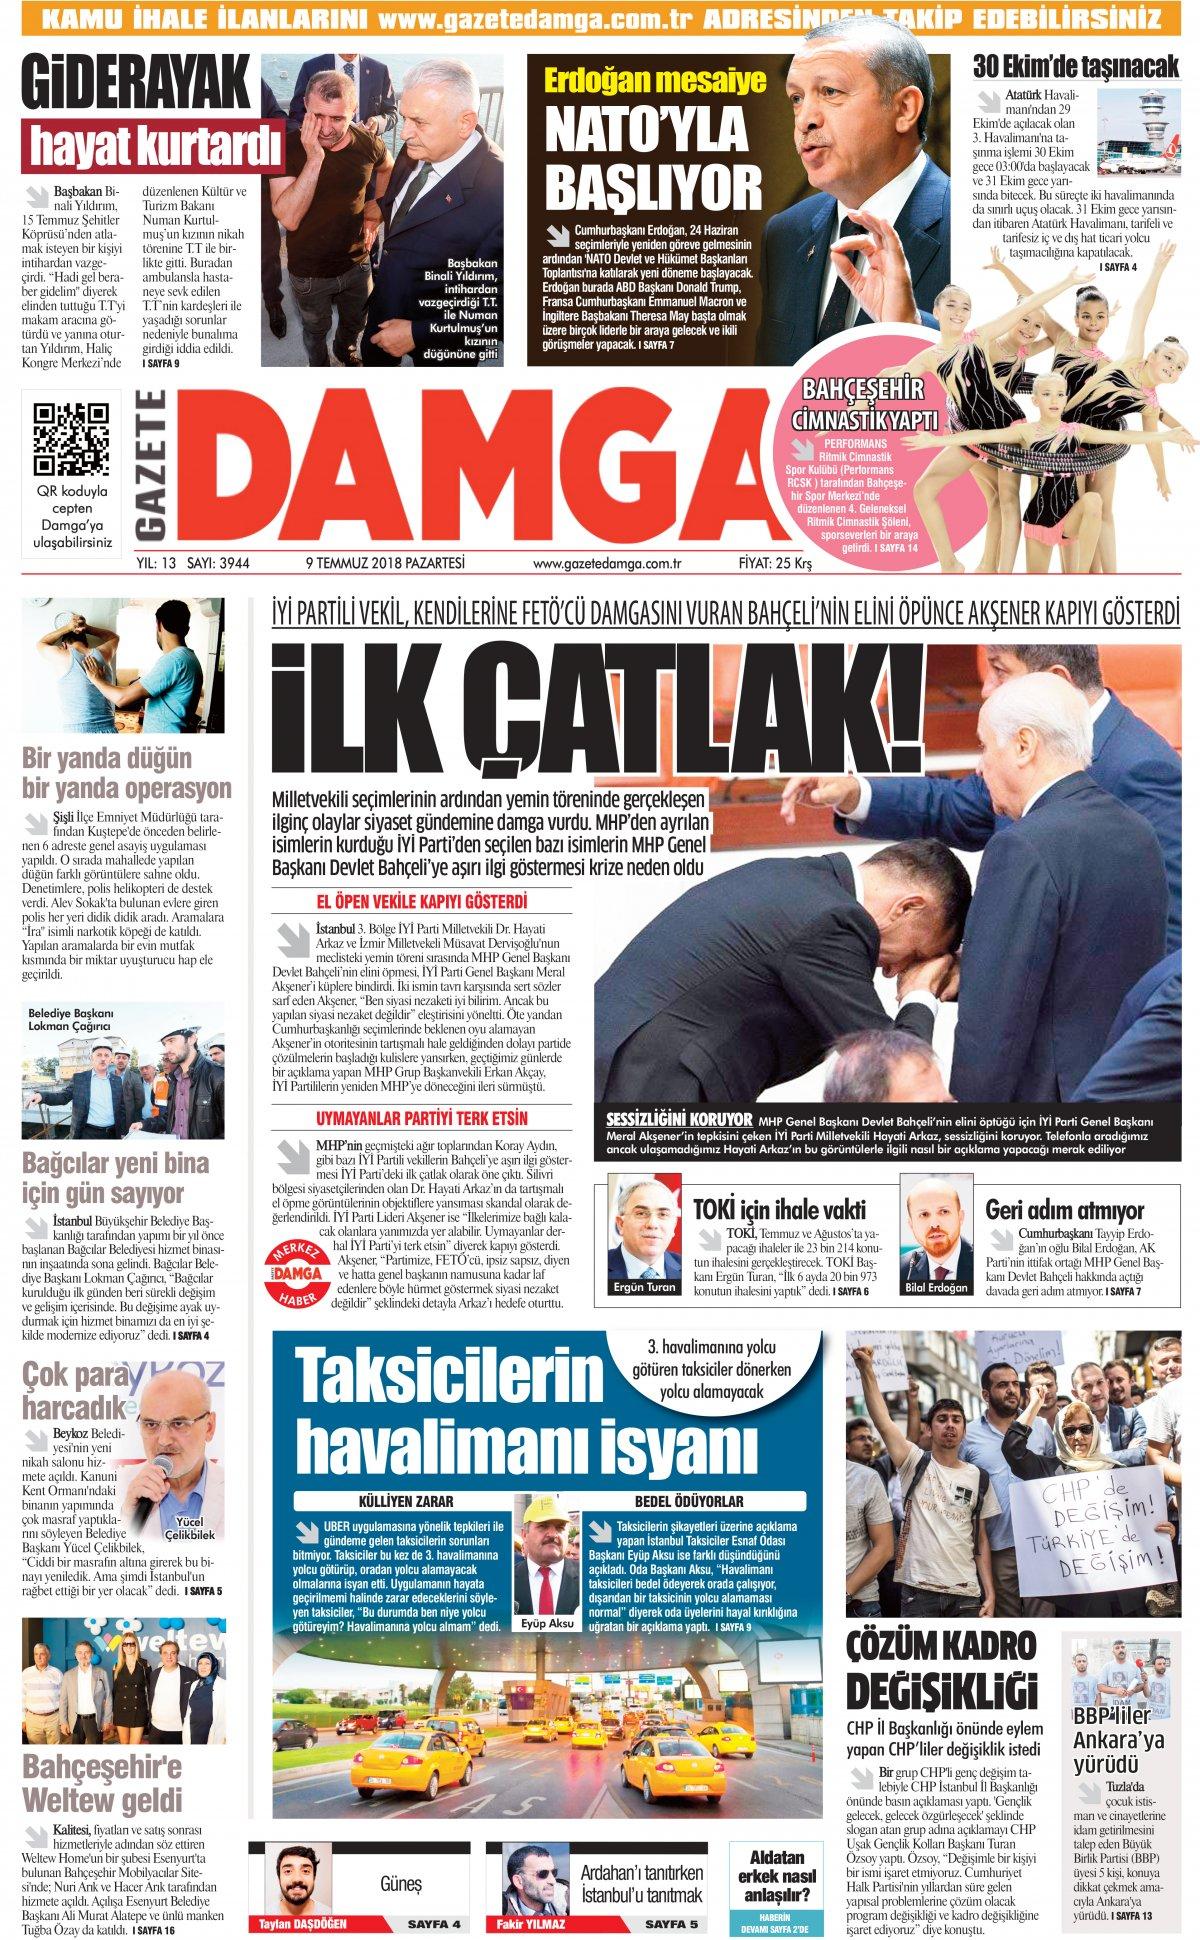 Gazete Damga - 09.07.2018 Manşeti